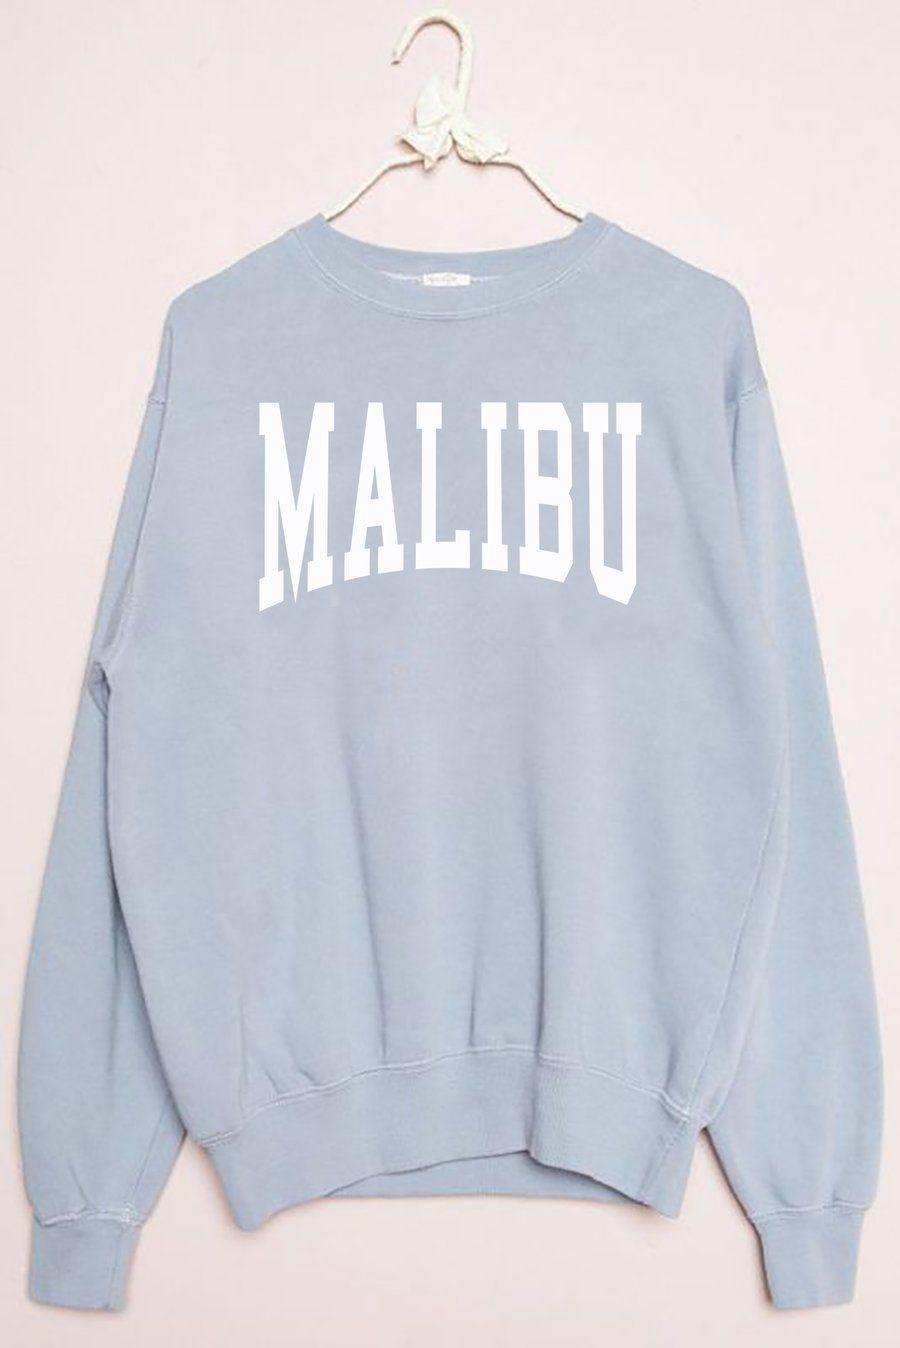 Malibu Sweatshirt Sweatshirt Oversized Sweatshirt Outfit Sweatshirts Sweatshirt Outfit [ 1348 x 900 Pixel ]